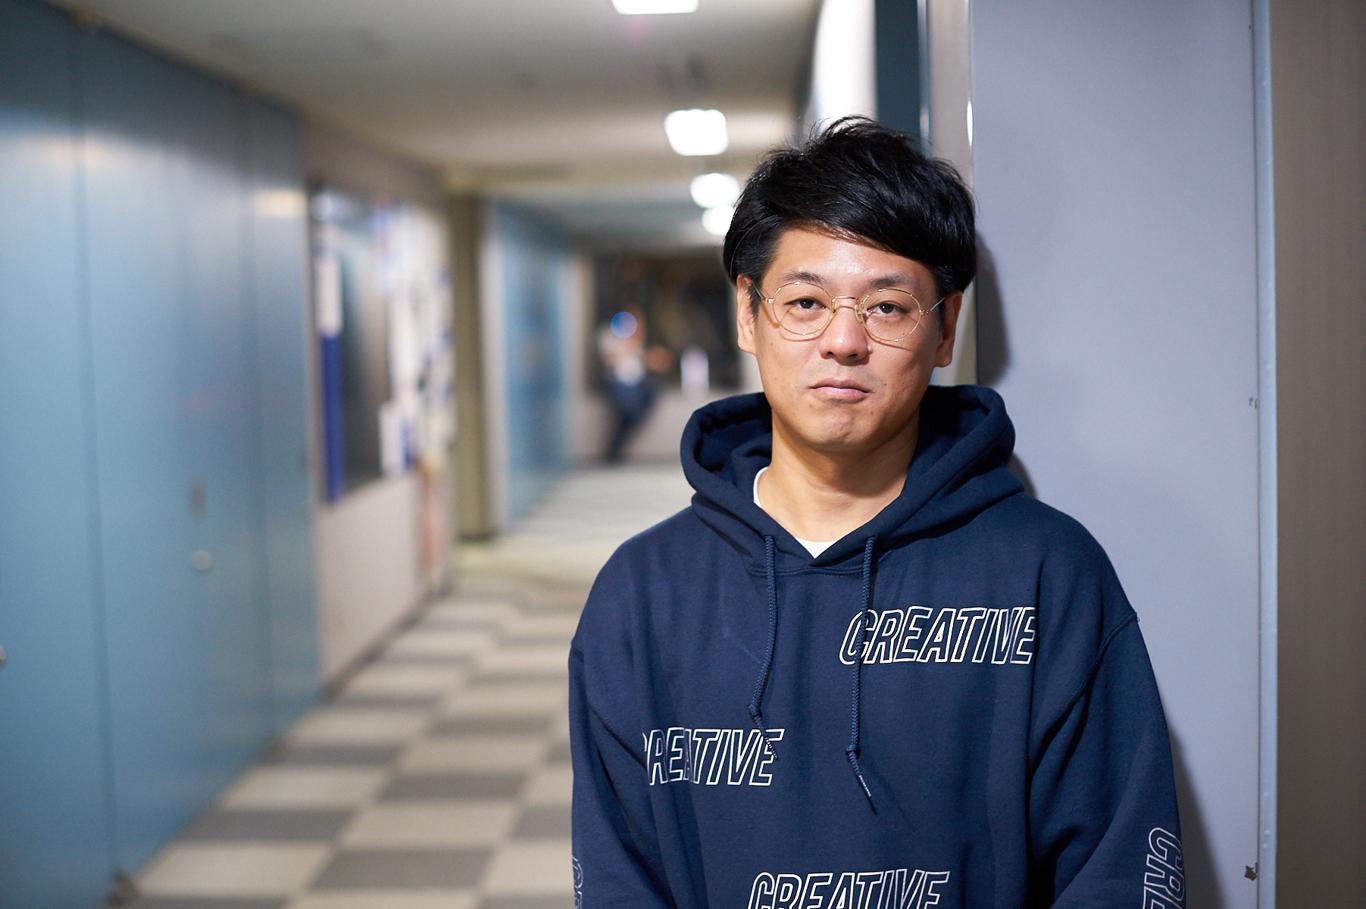 「モンスターハウス」は台本ありきじゃ絶対に作れない。藤井健太郎Pが断言する理由